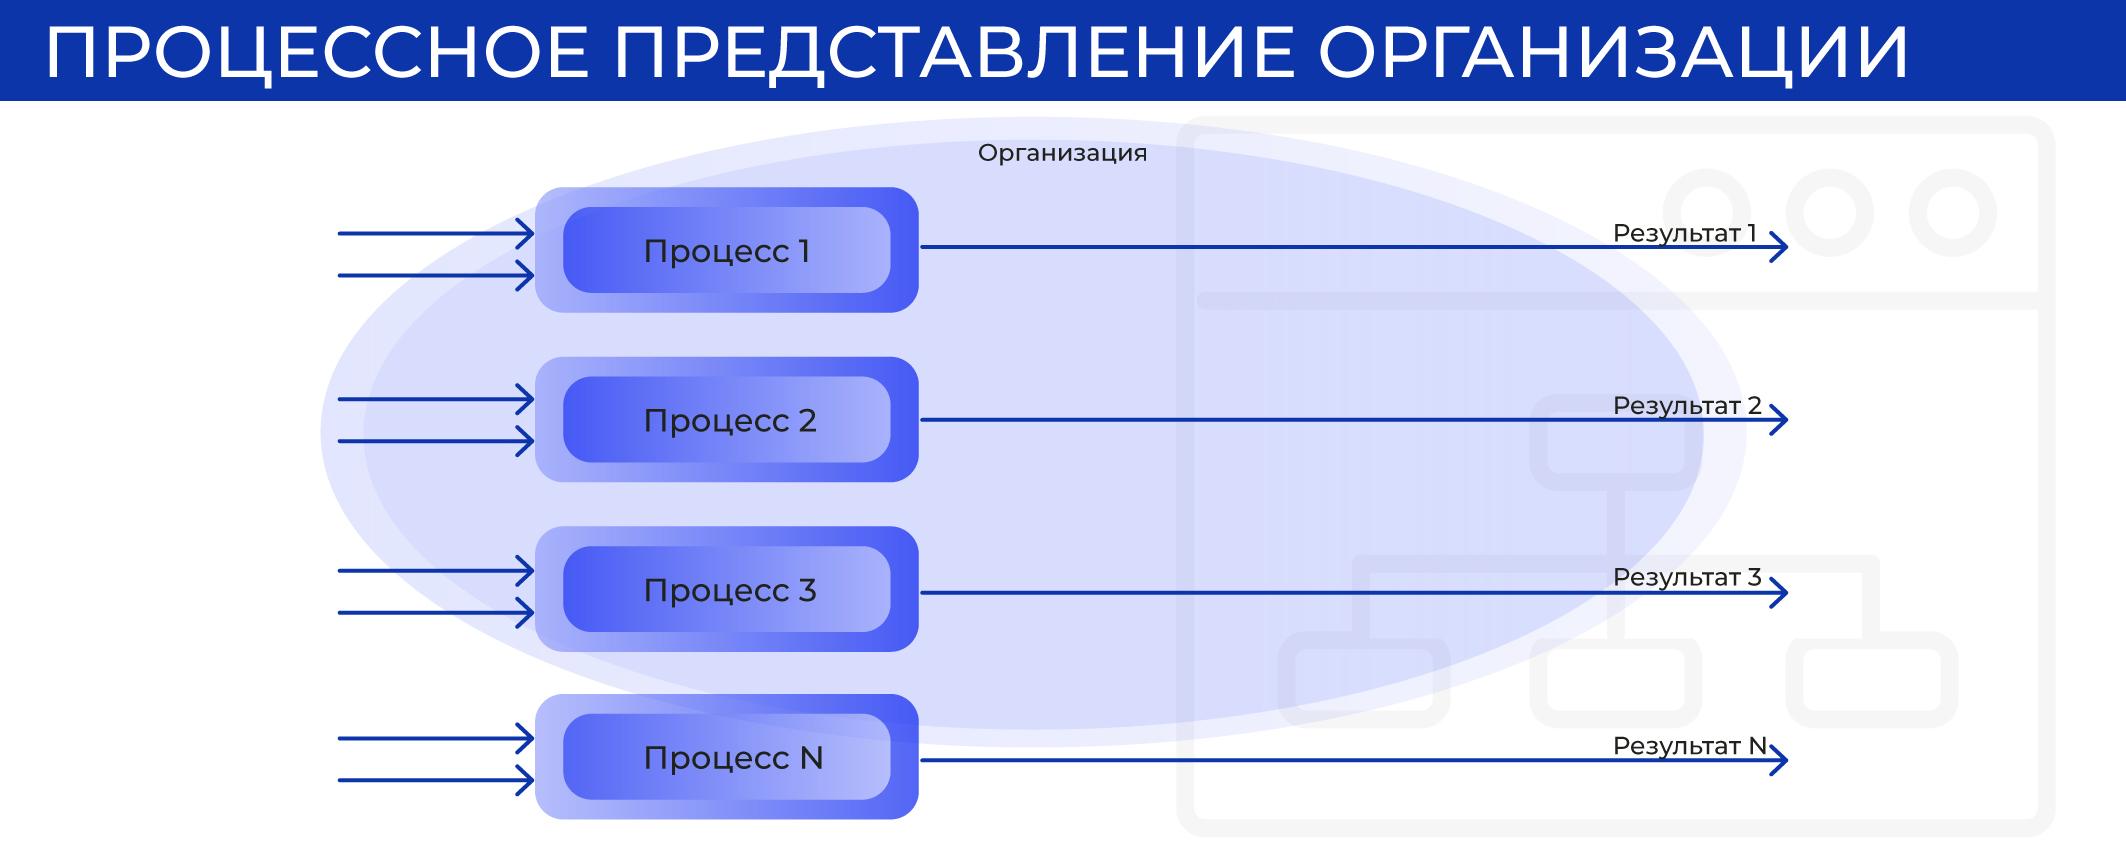 Процессное представление организации